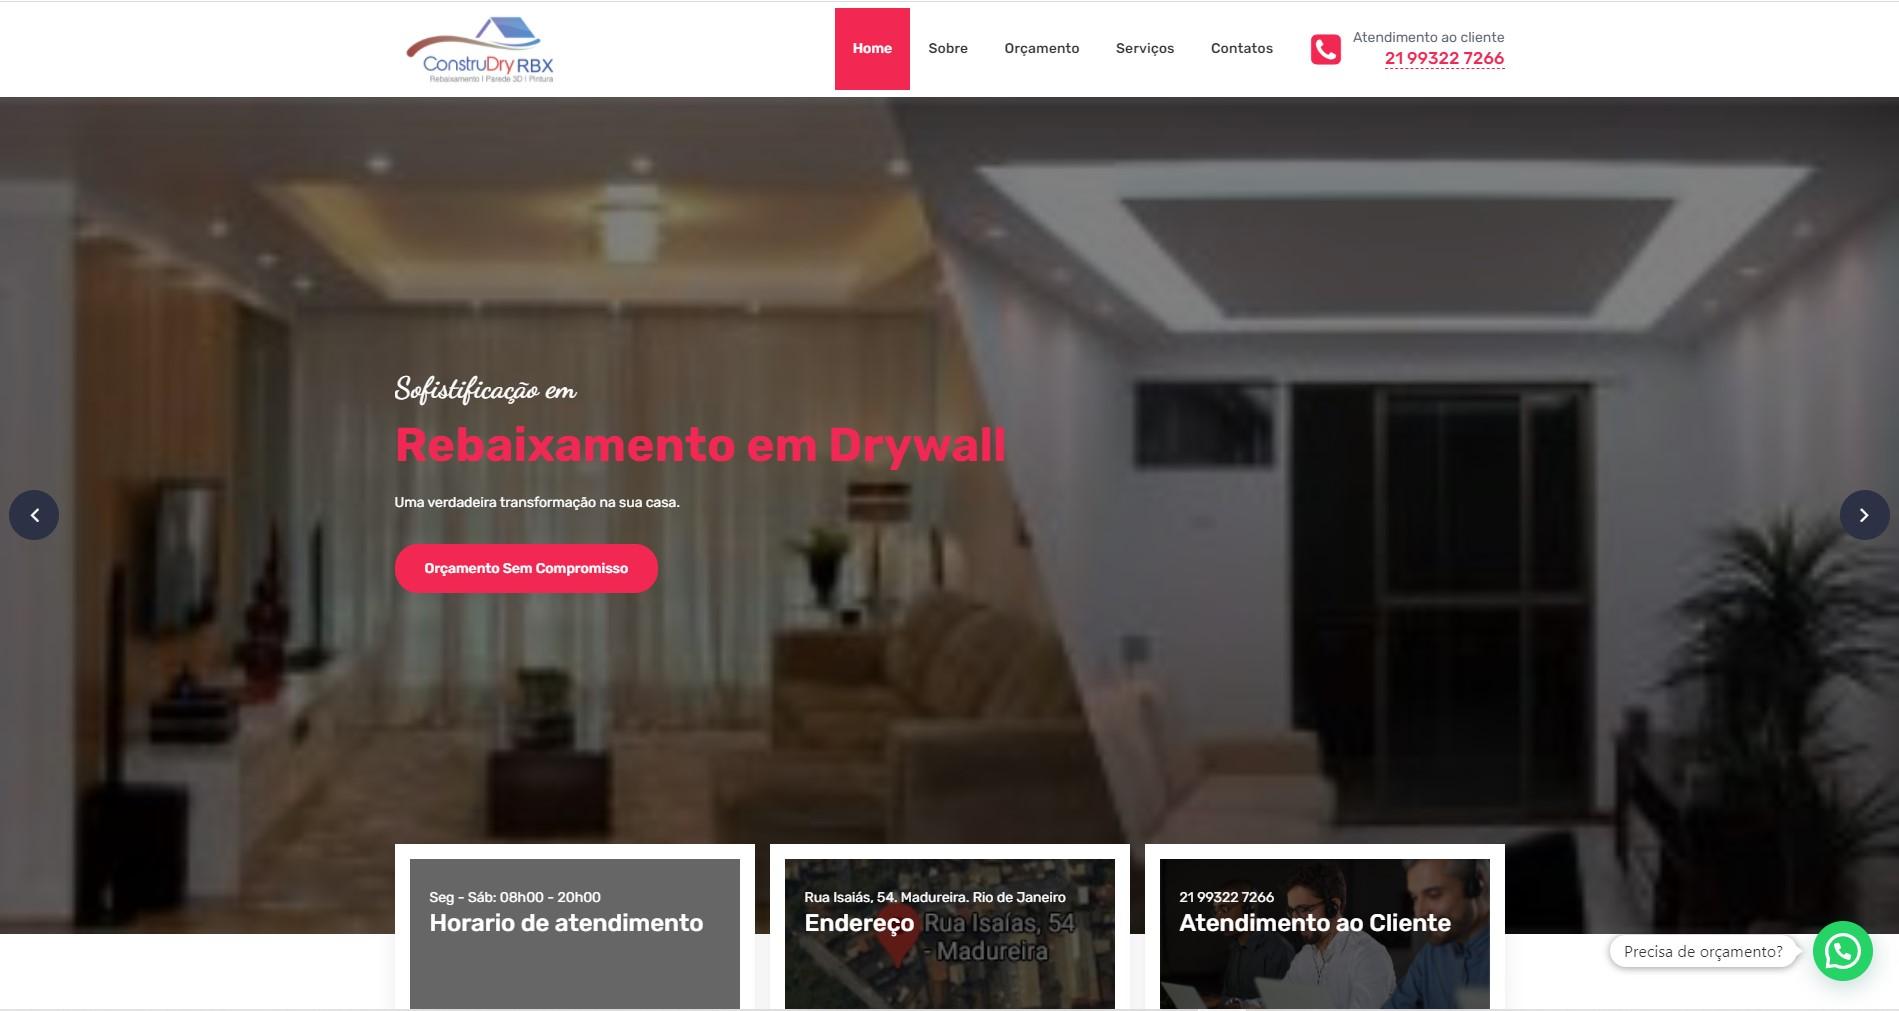 Imagem do site da construdry rbx